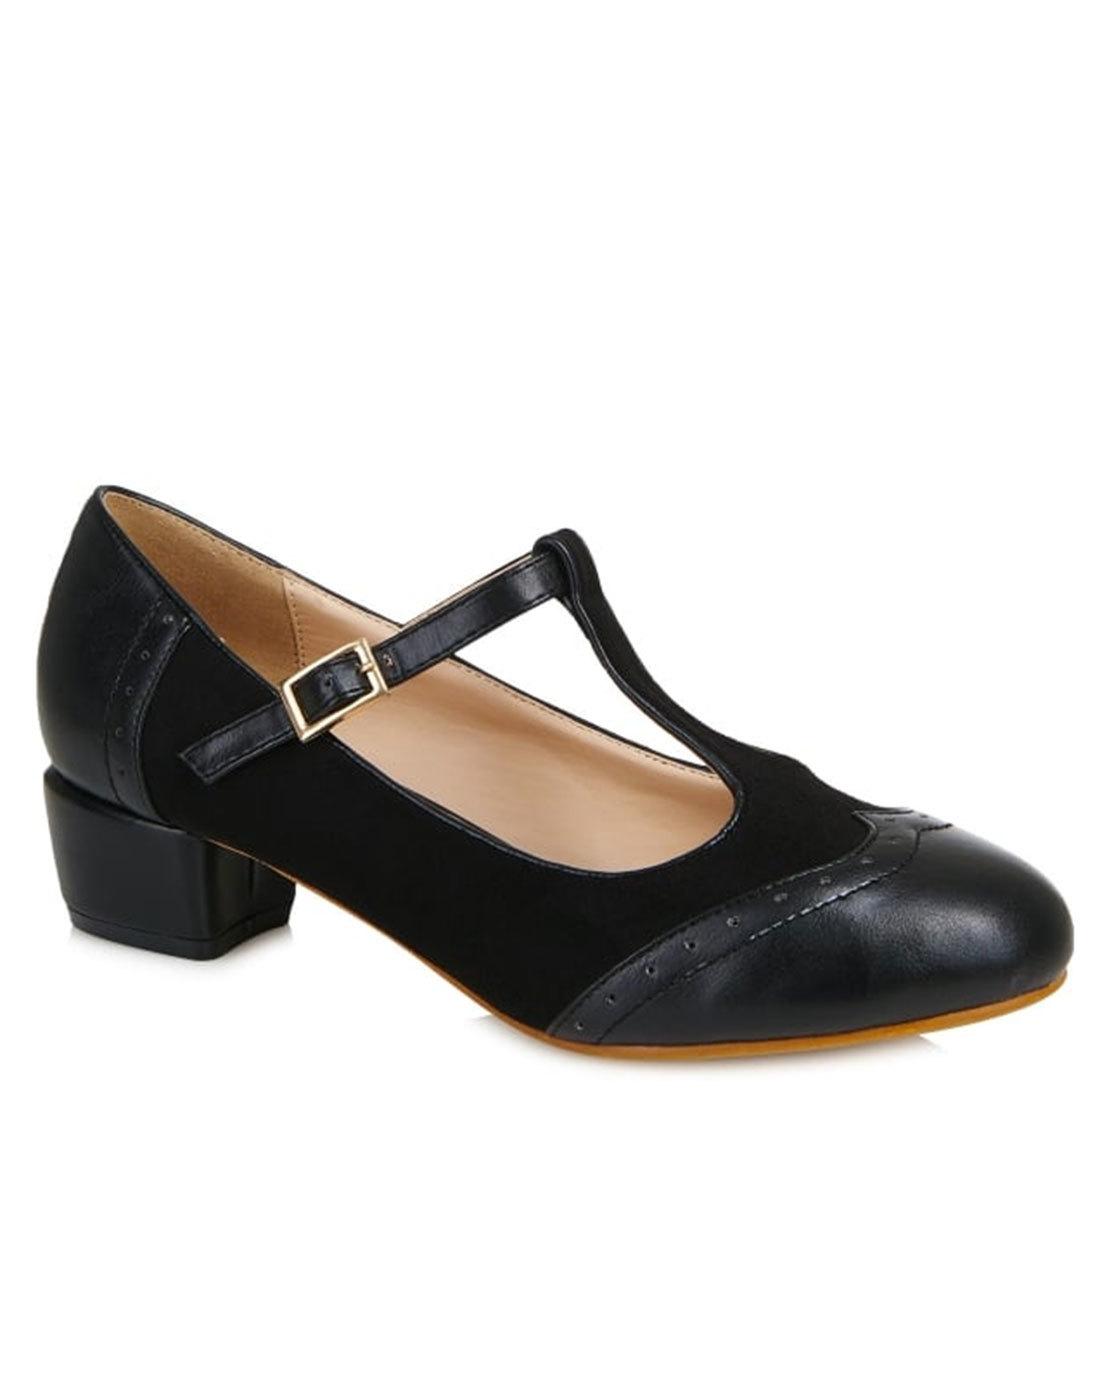 ac96166a6dc LULU HUN Georgia Retro Mod 60 s Spectator Shoes in Black